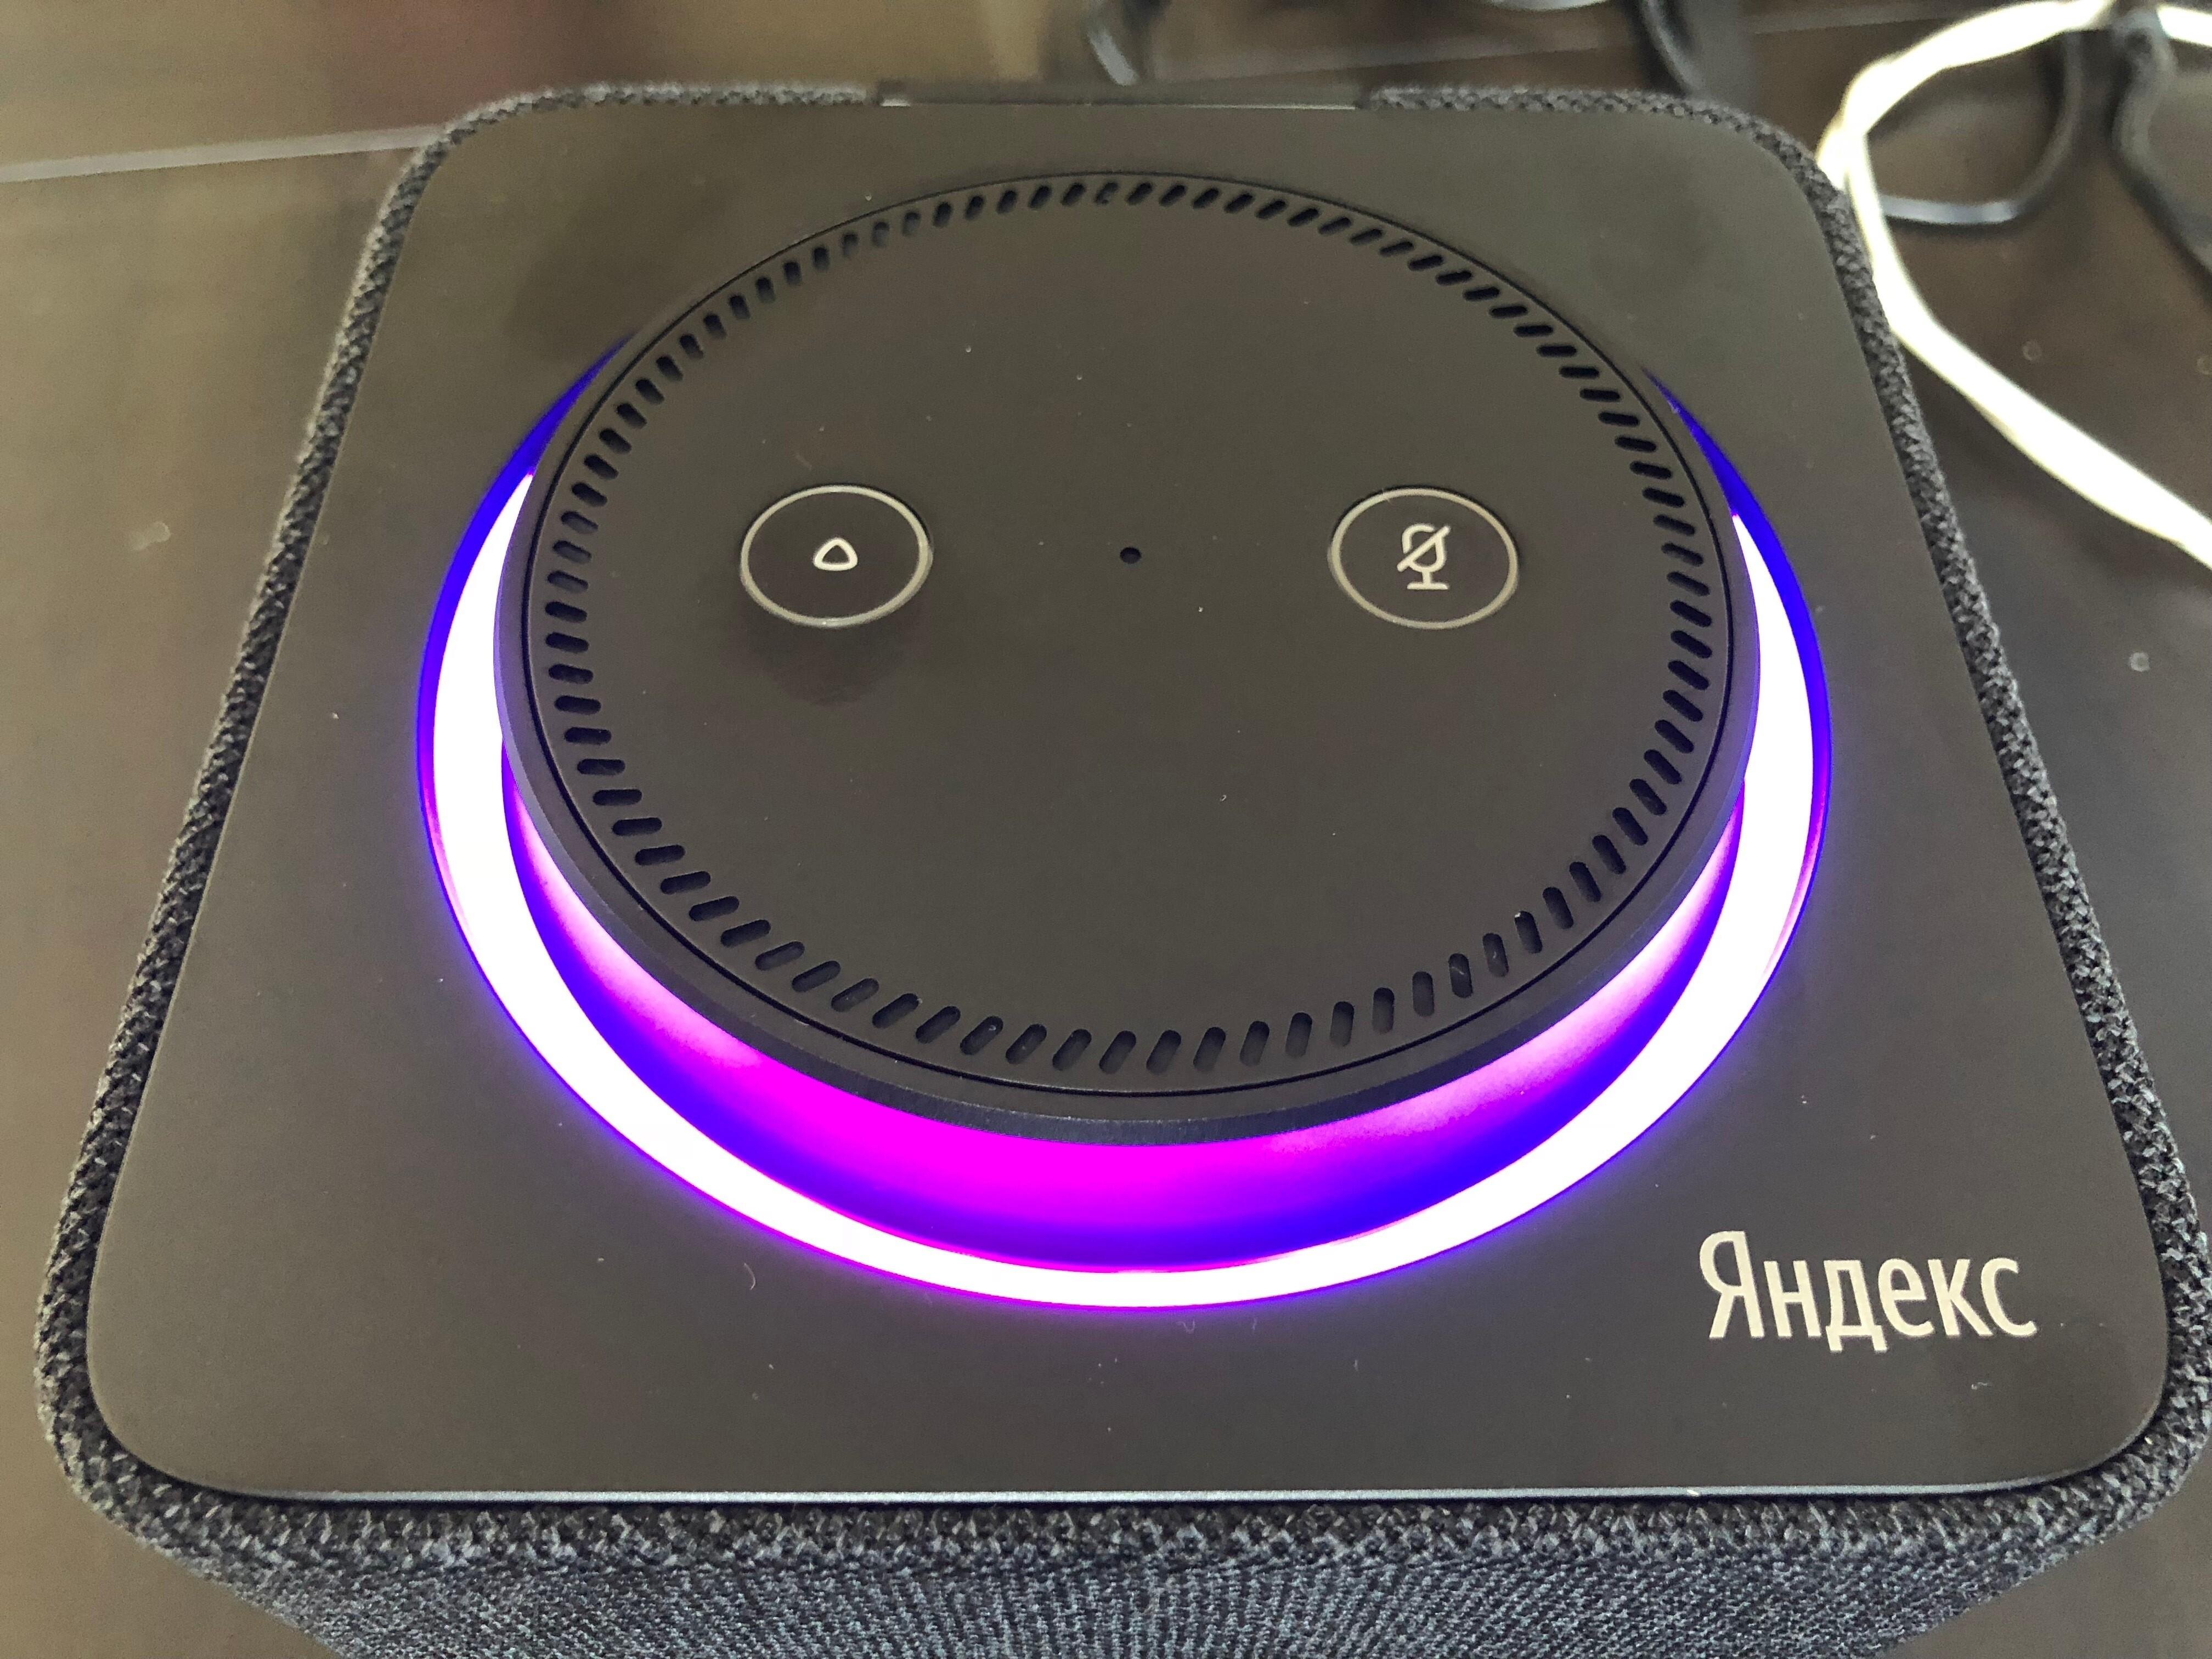 Bloomberg рассказал, что сотрудники Amazon слушают записи с Alexa — так делают все разработчики голосовых помощников